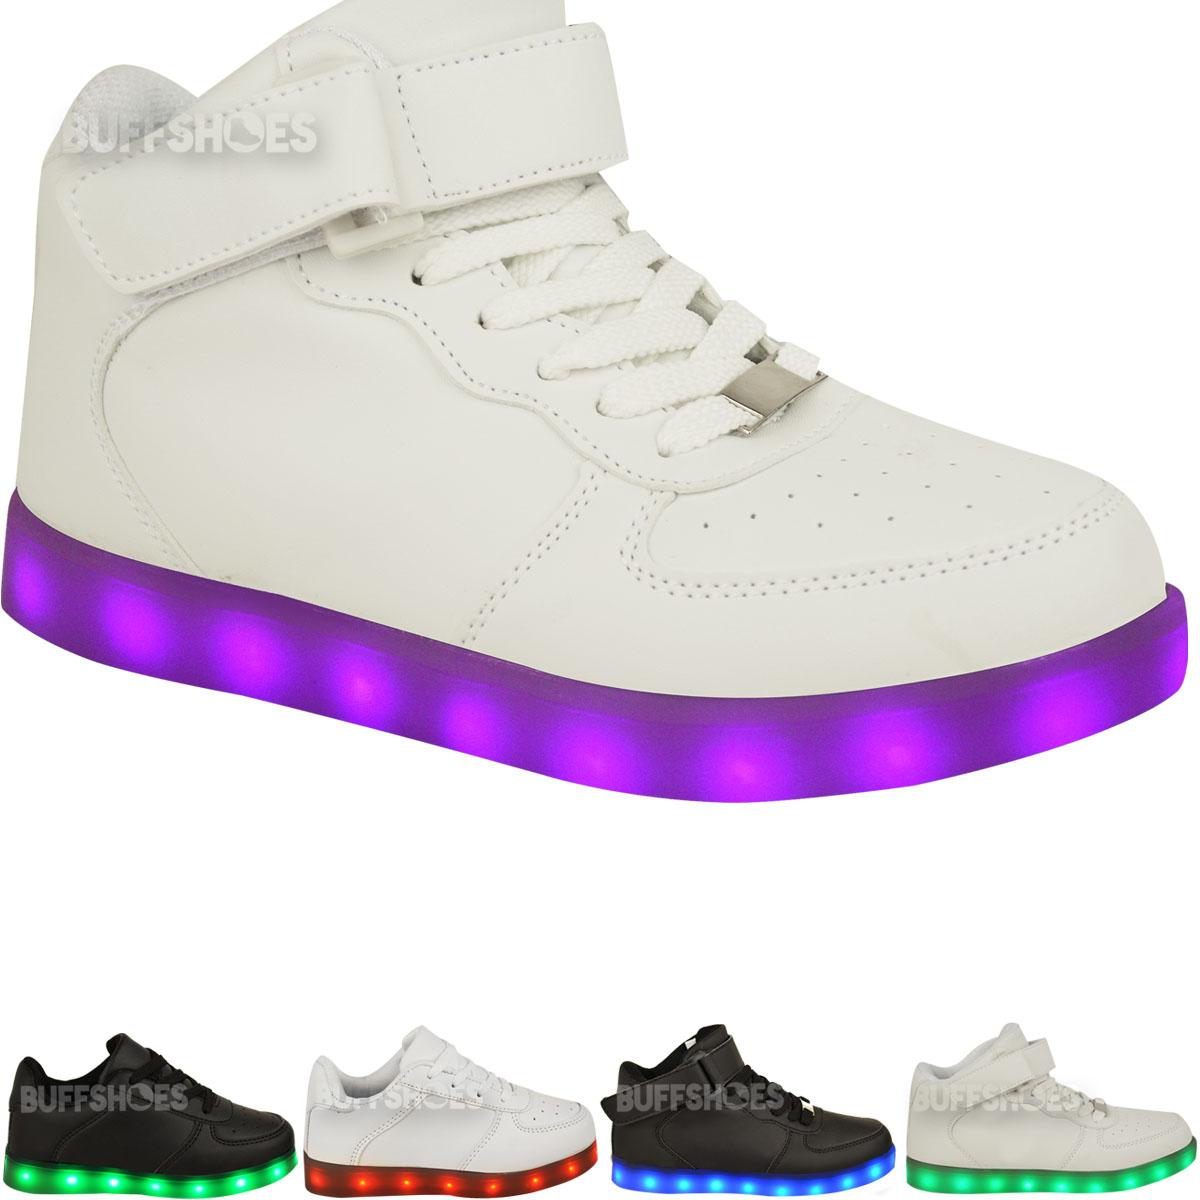 Enfants-filles-formateurs-feux-clignotant-led-lumineux-usb-chargeur-Lacets-Taille-UK-nouveau